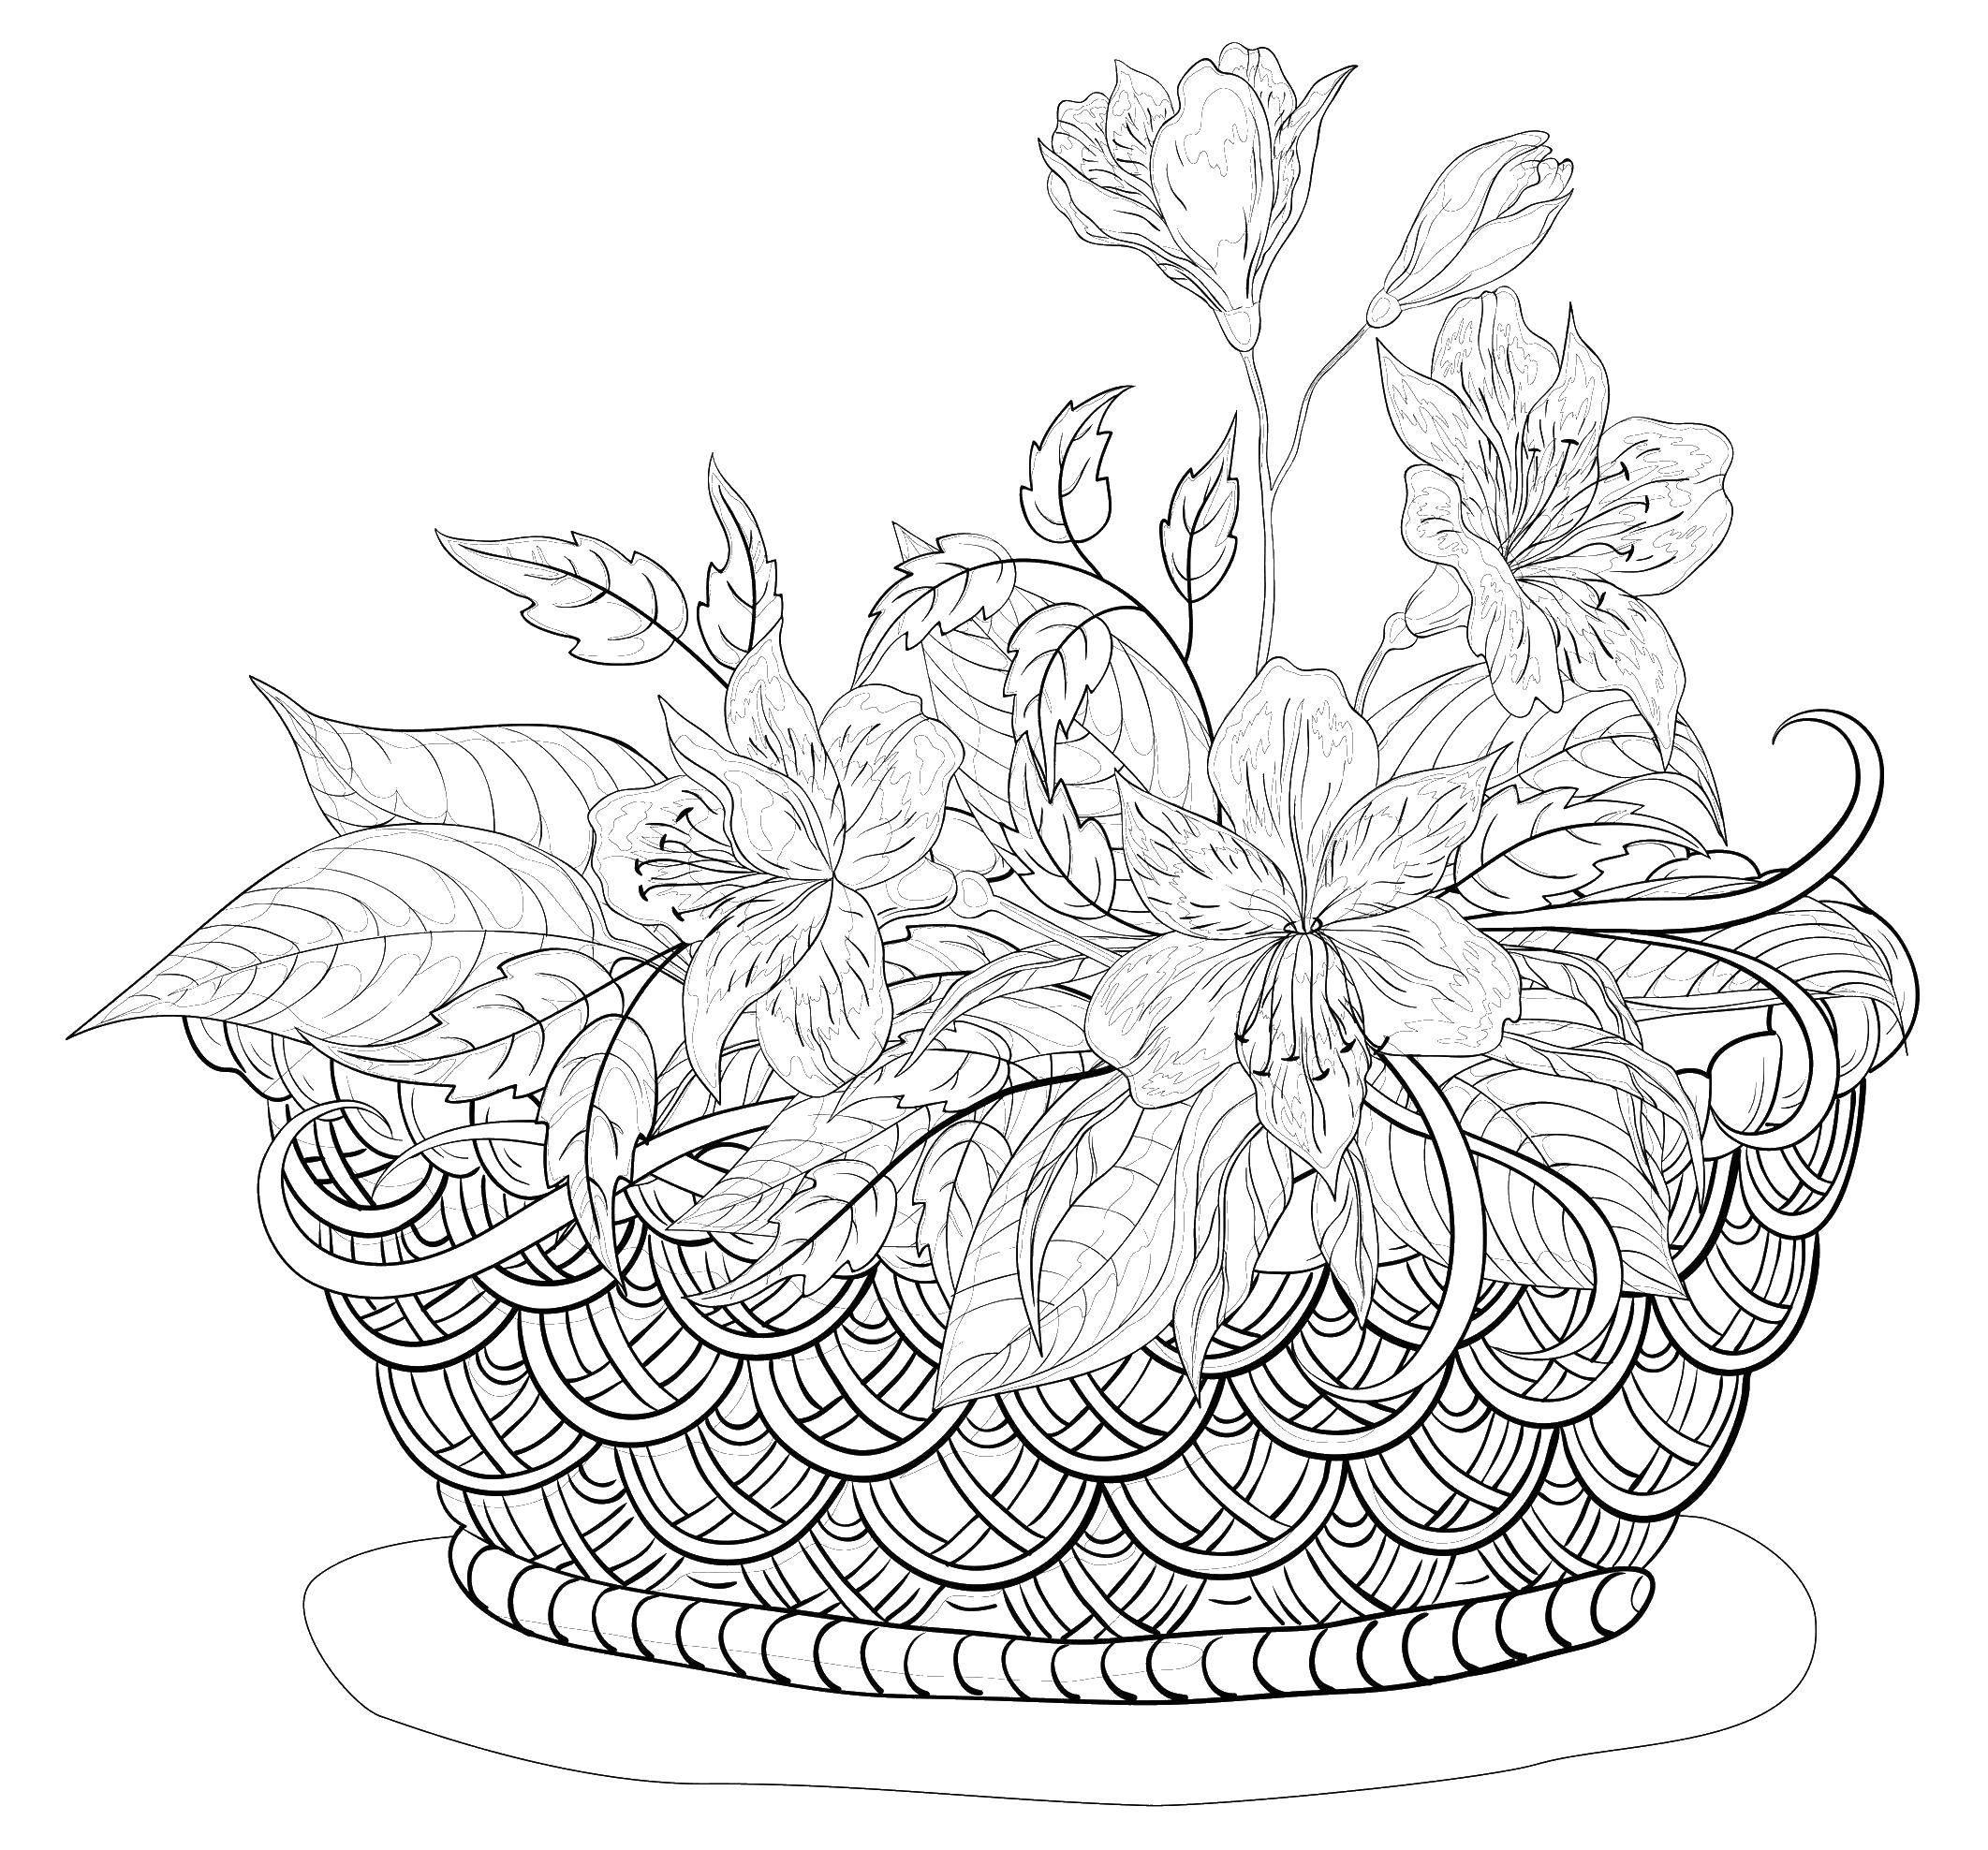 раскраски раскраска корзина цветов раскраски для взрослых